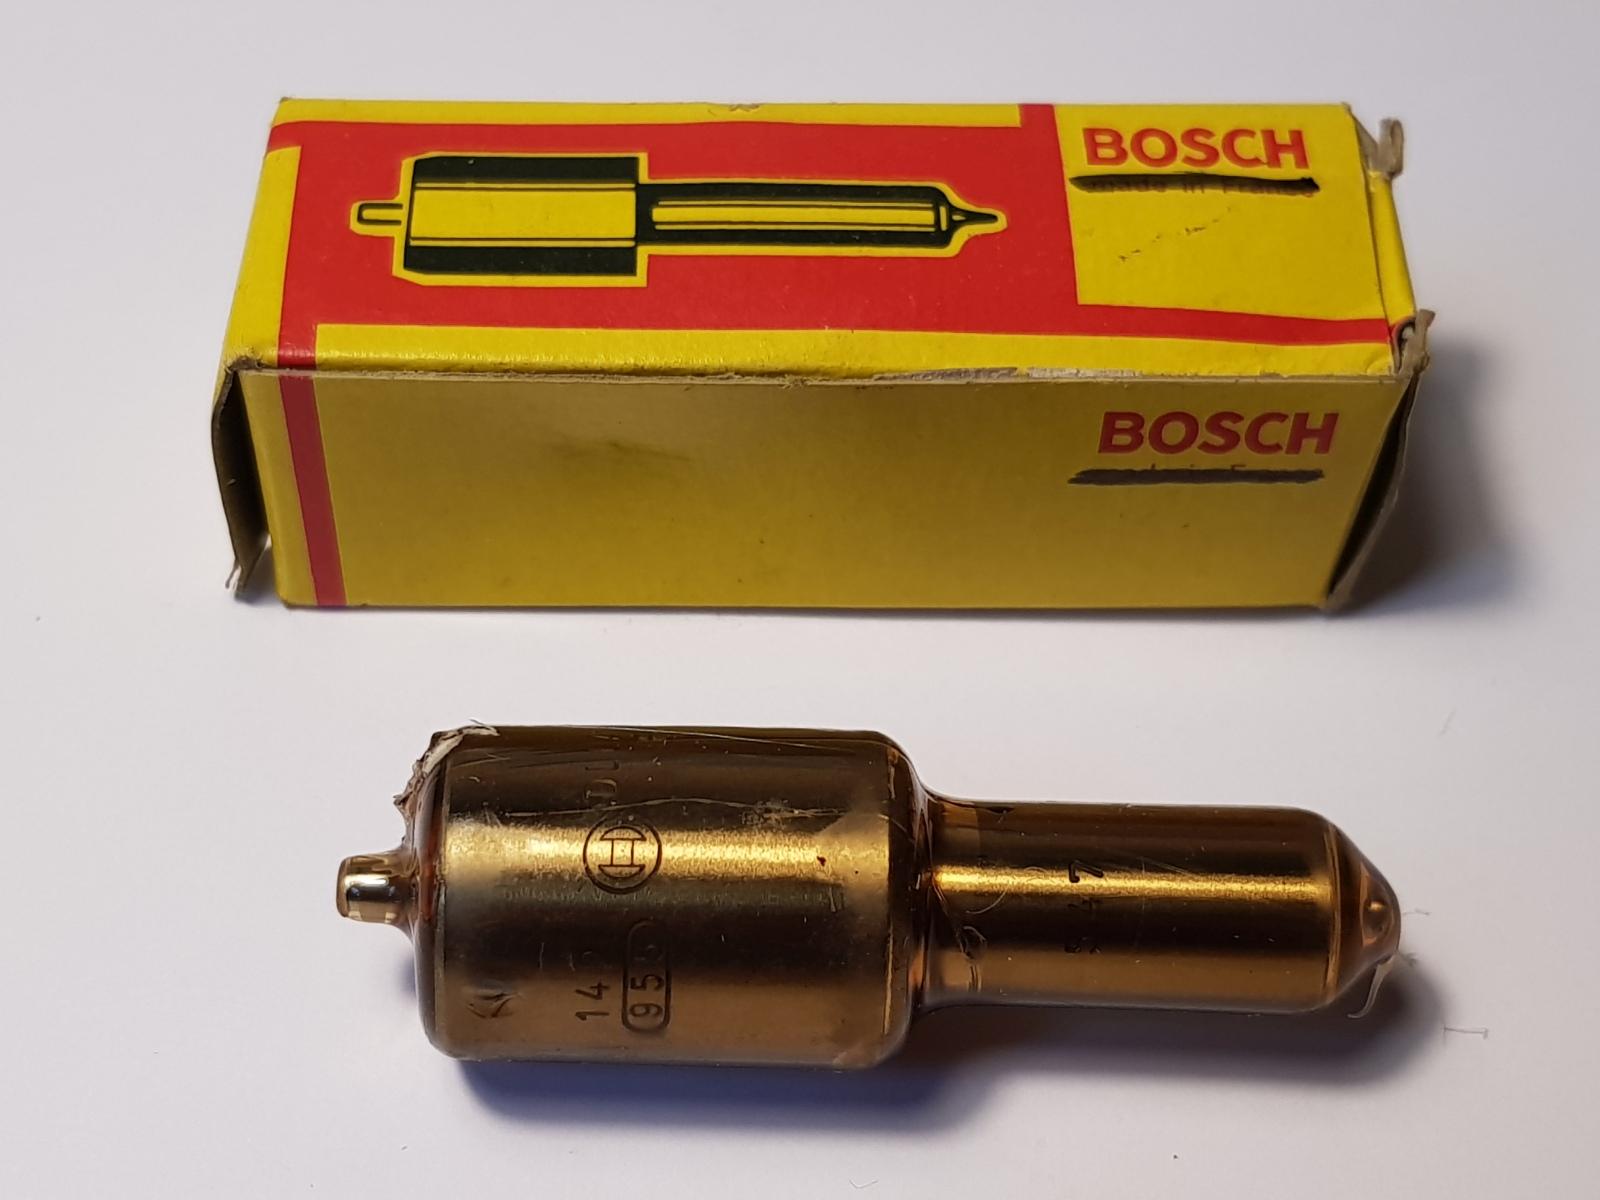 Bosch  Einspritzdüse 0433271257 DLLA150S547 Klasse 1 Sacklochdüse Diesel